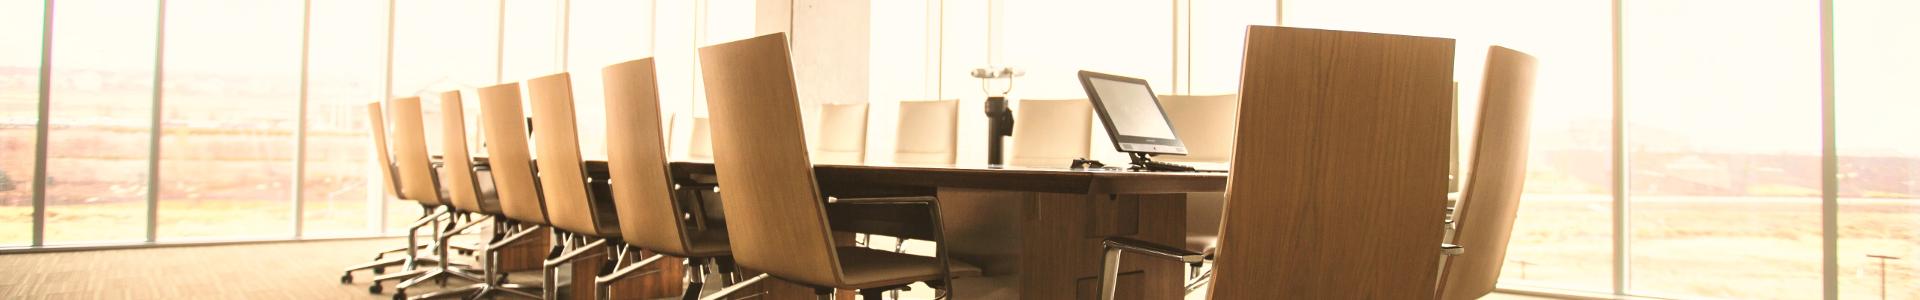 Regionalversammlung Hintergrundbild